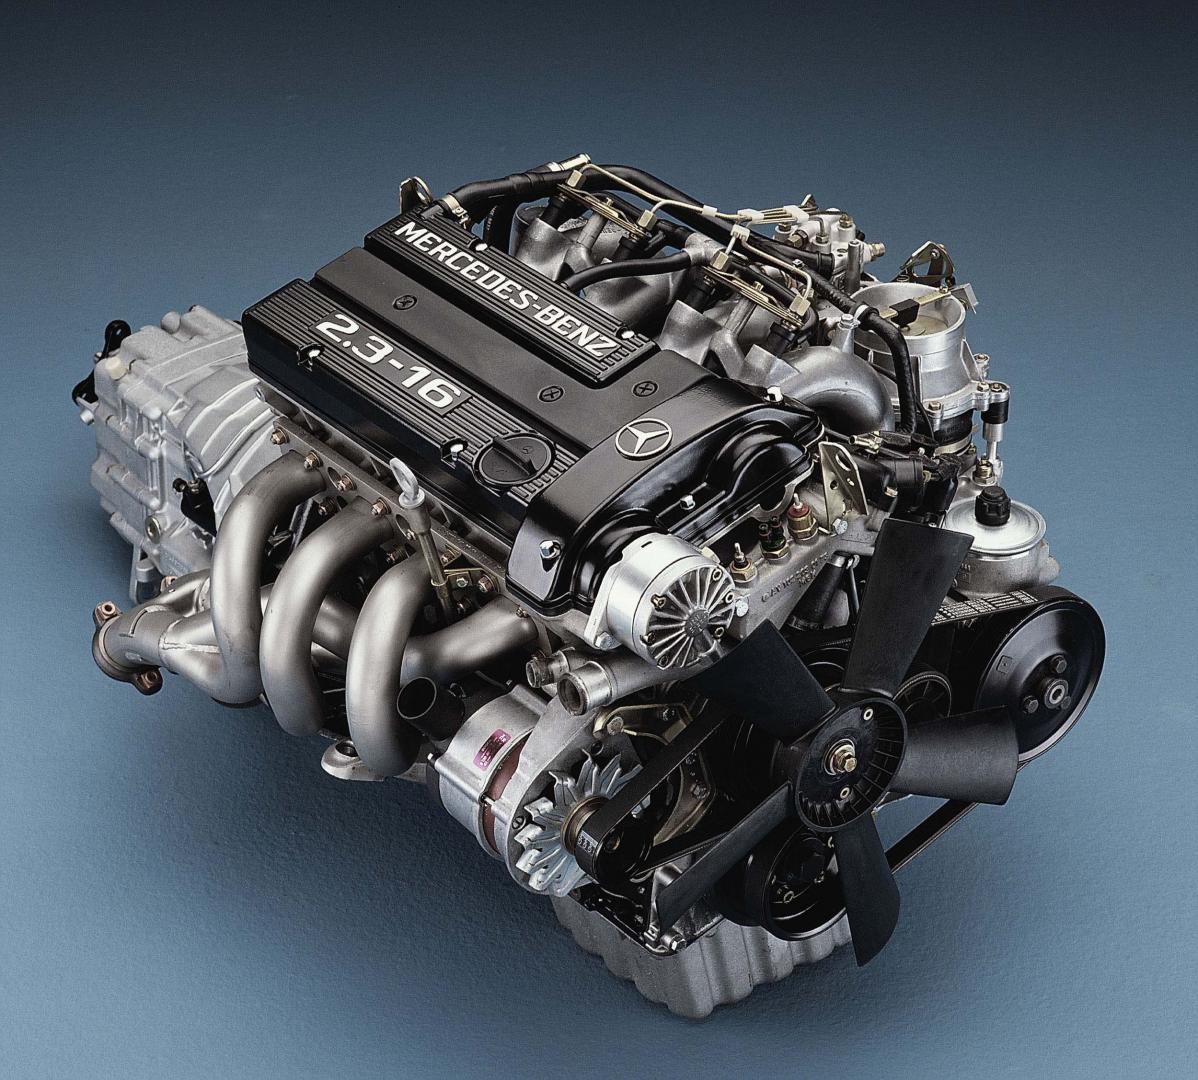 Mercedes-Benz 190 E 2.3-16 door Cosworth